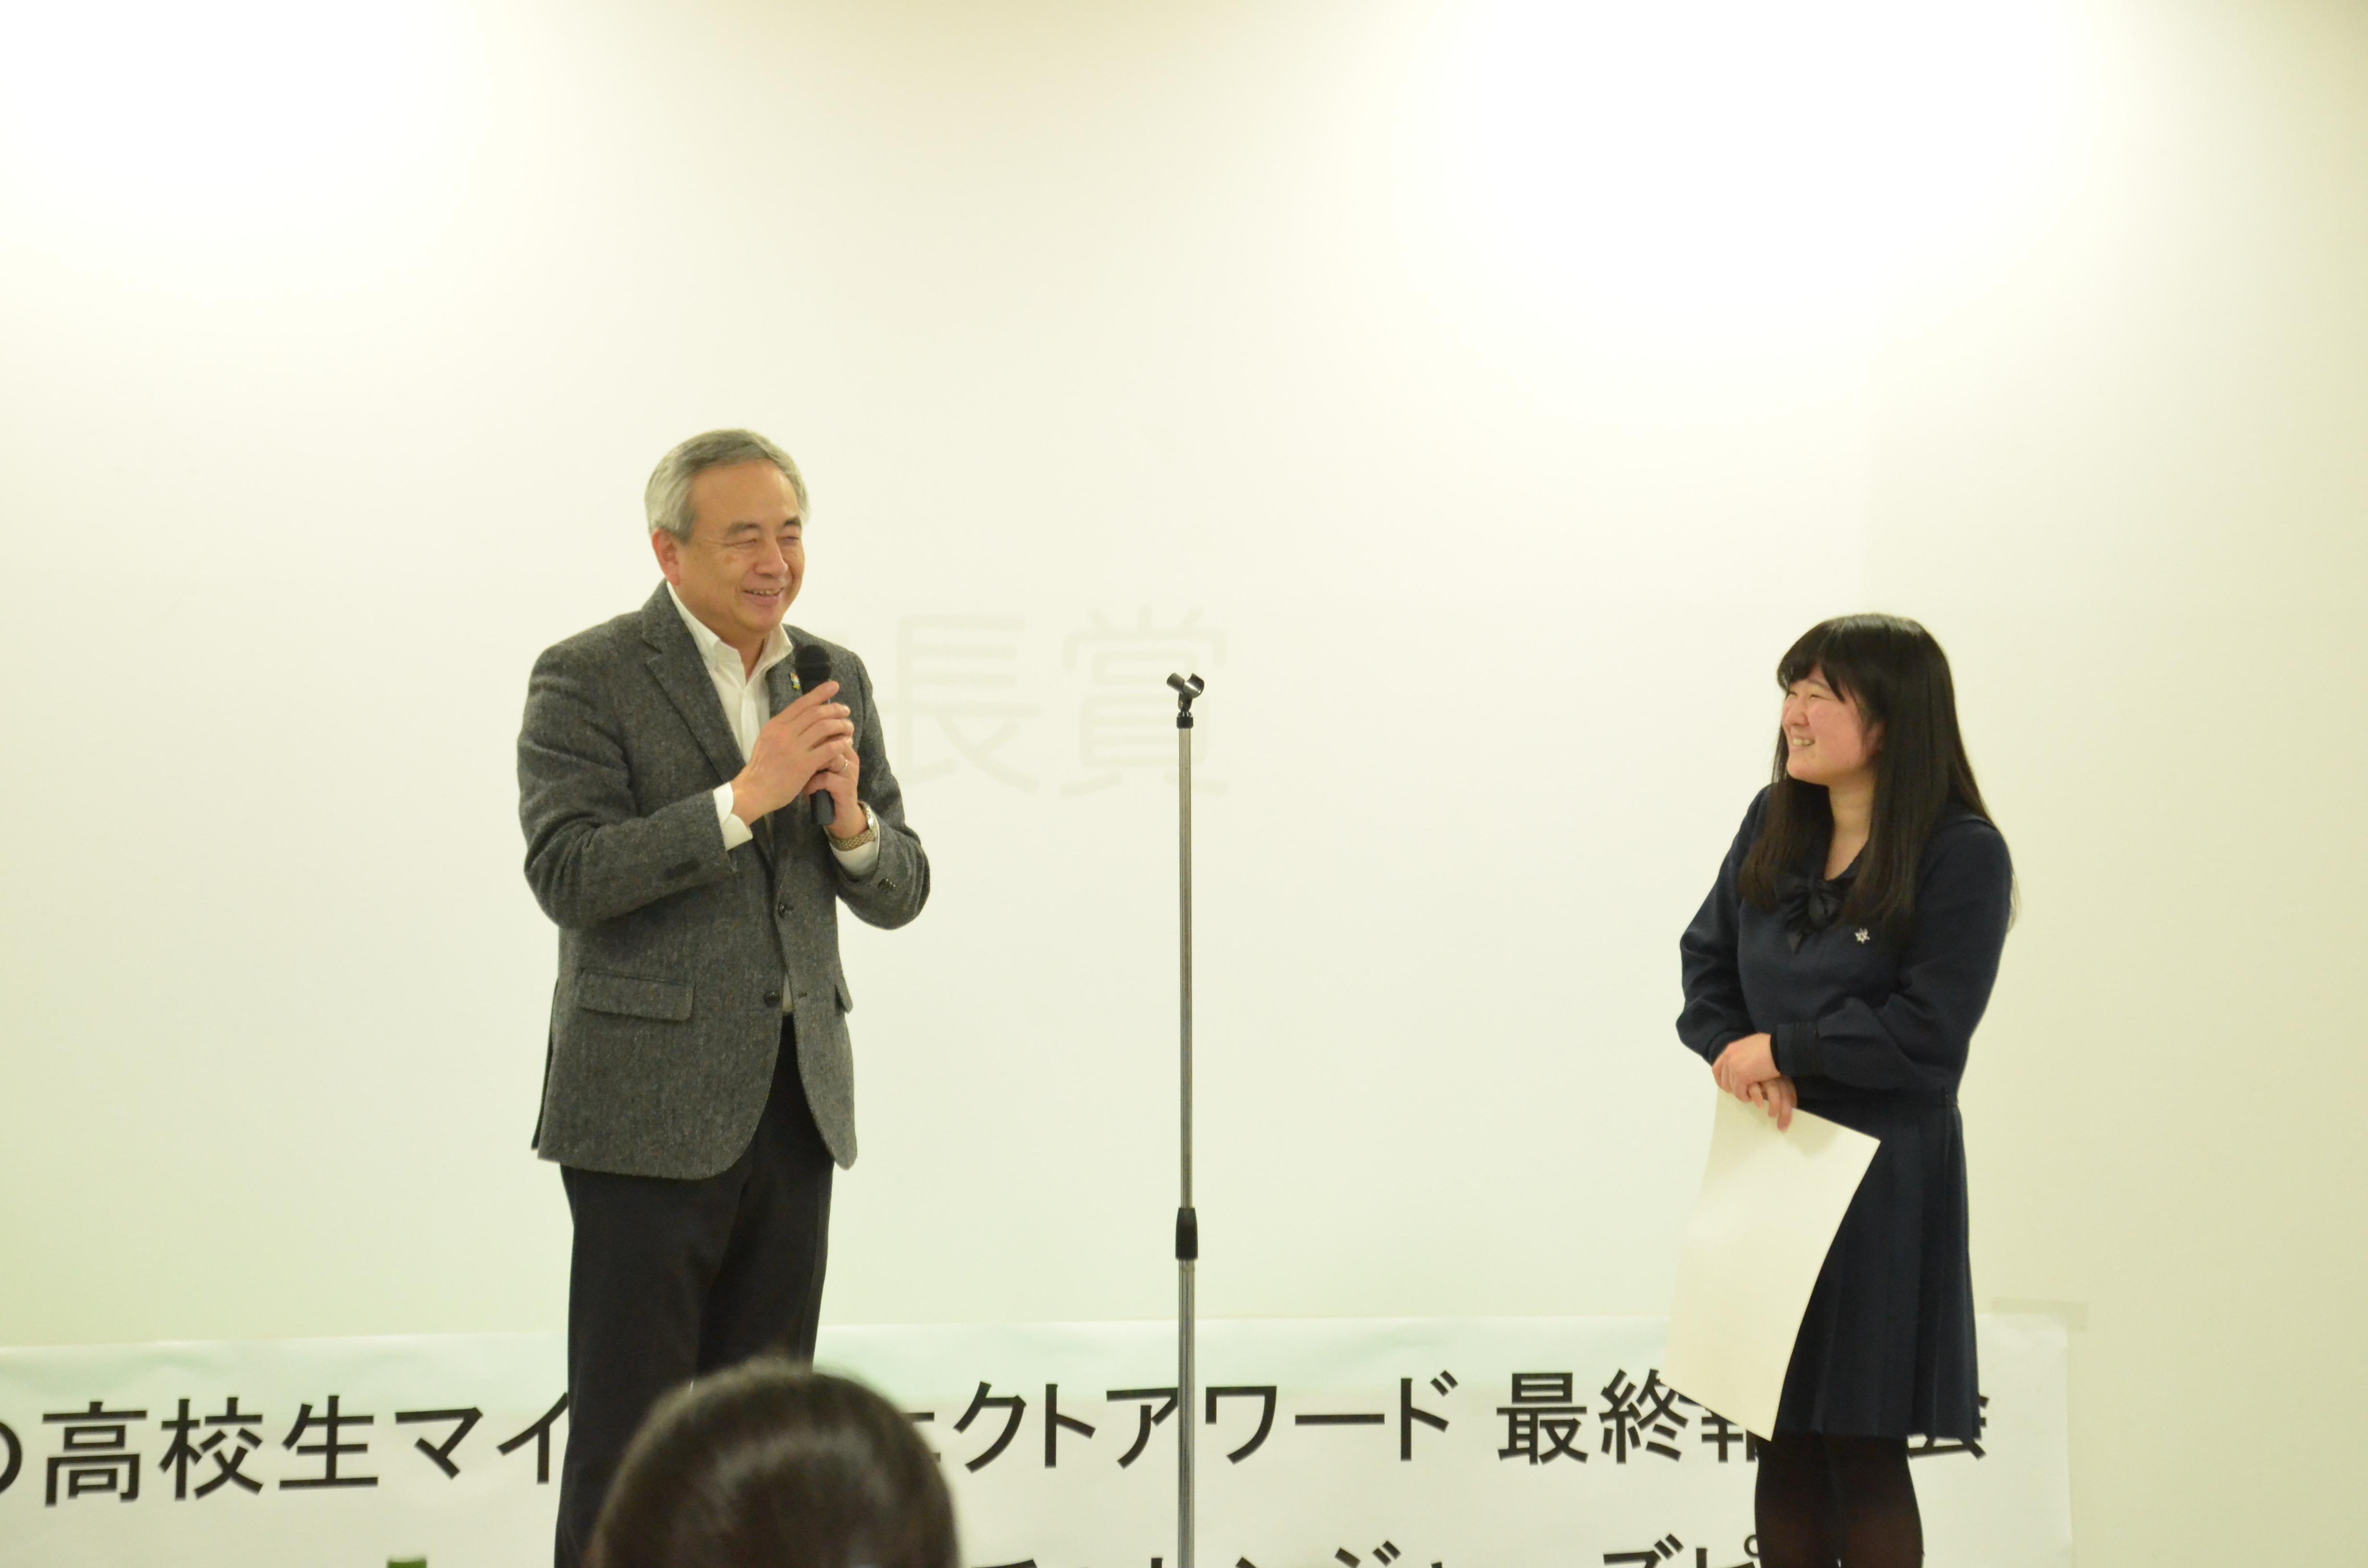 気仙沼の高校生マイプロジェクトアワード最終発表会